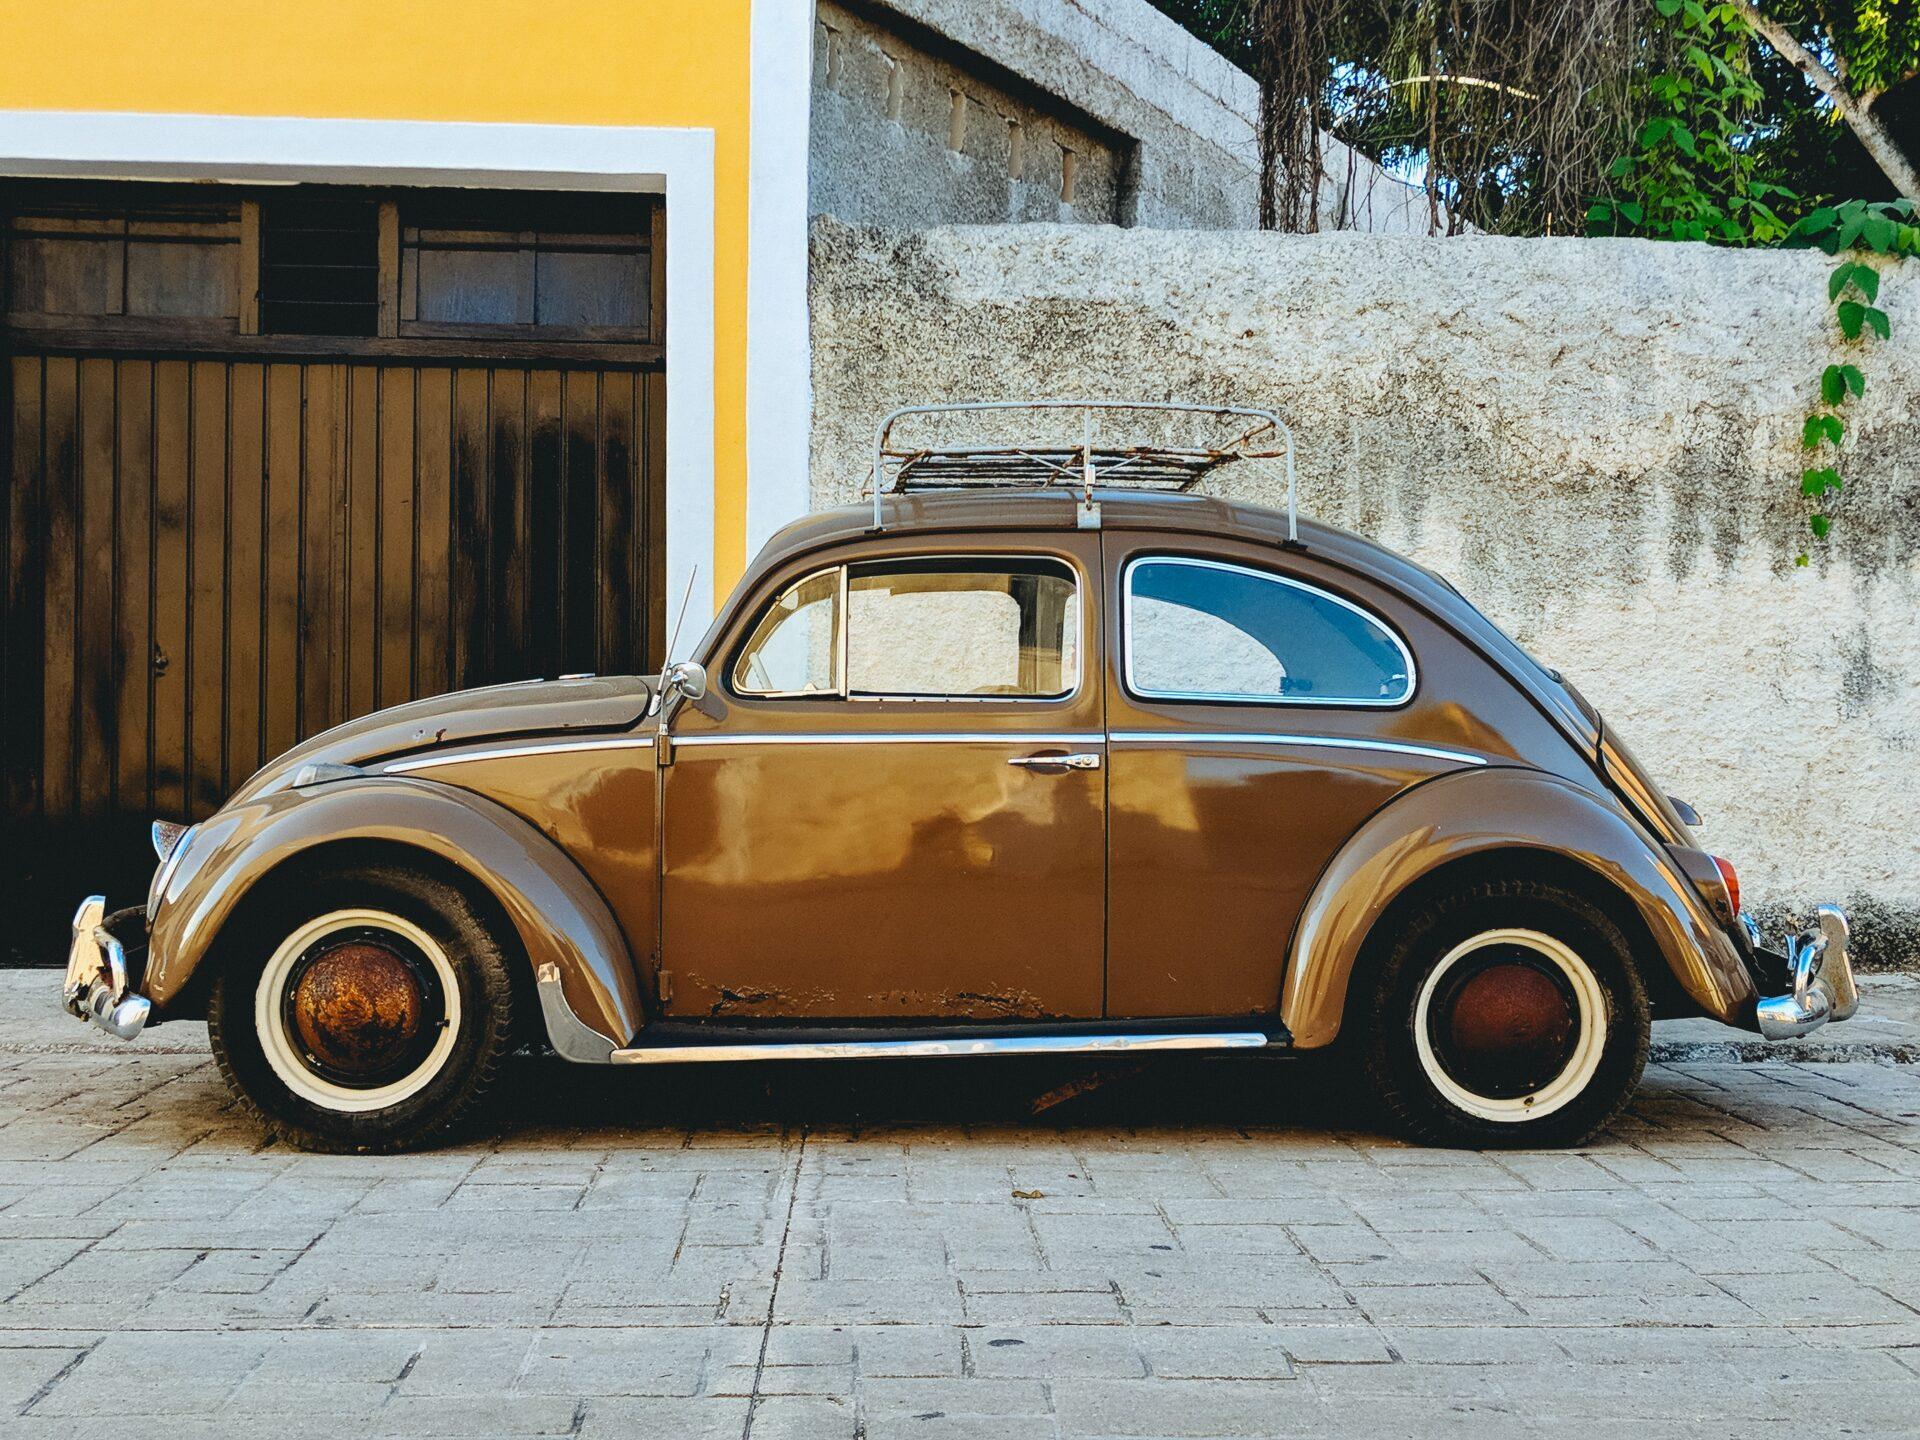 ヤフオクで車を売ろうとしている方必見!ヤフオクで車を売る時の完全マニュアル!